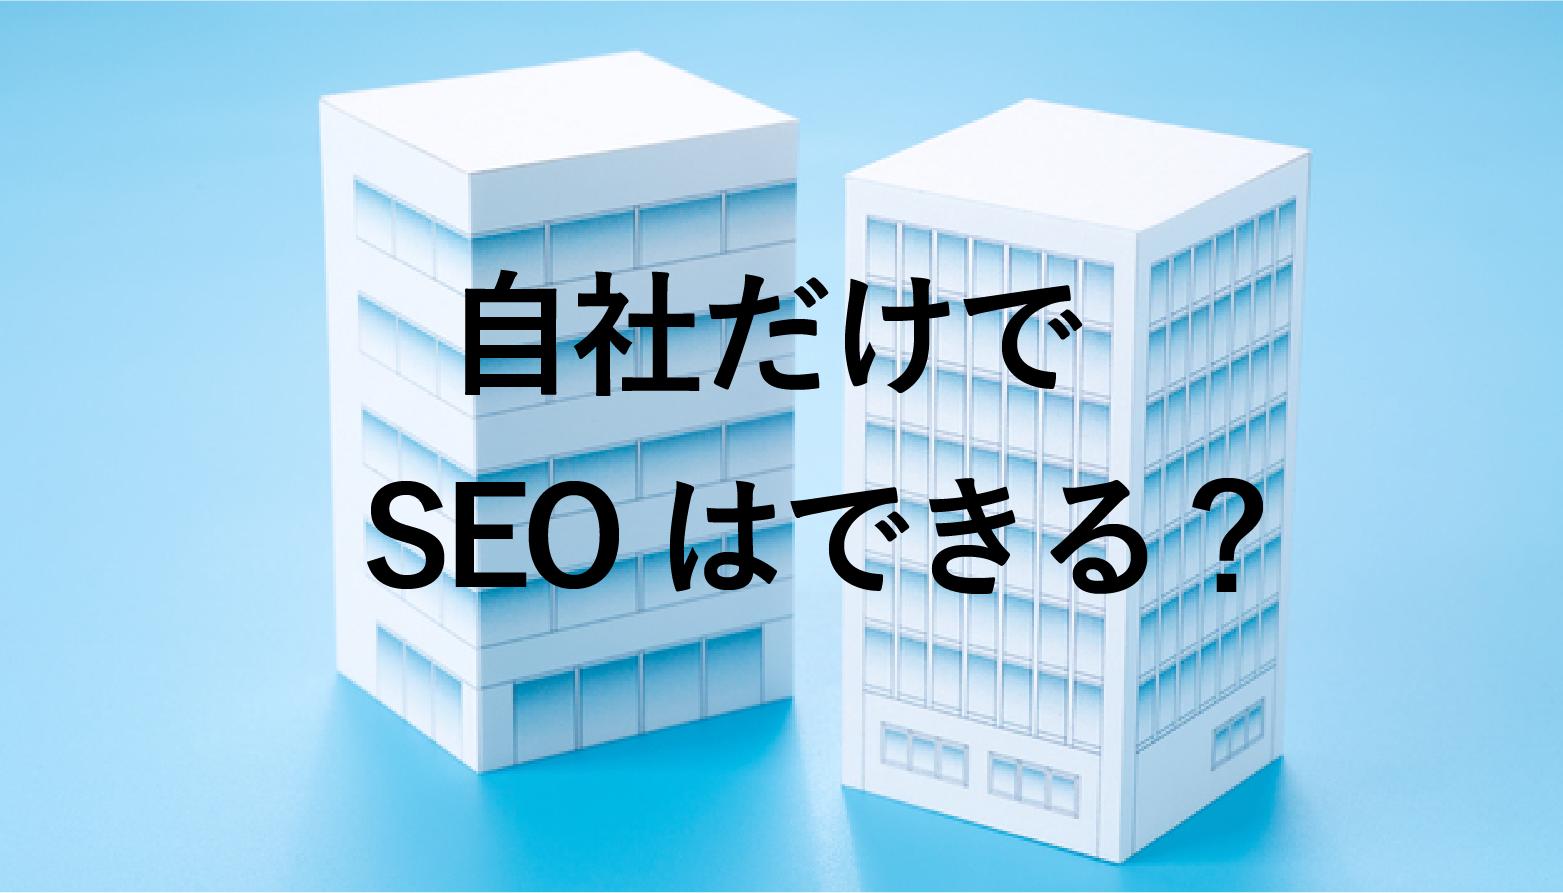 SEOは自社でできる?SEO内製化のメリットや注意点を解説